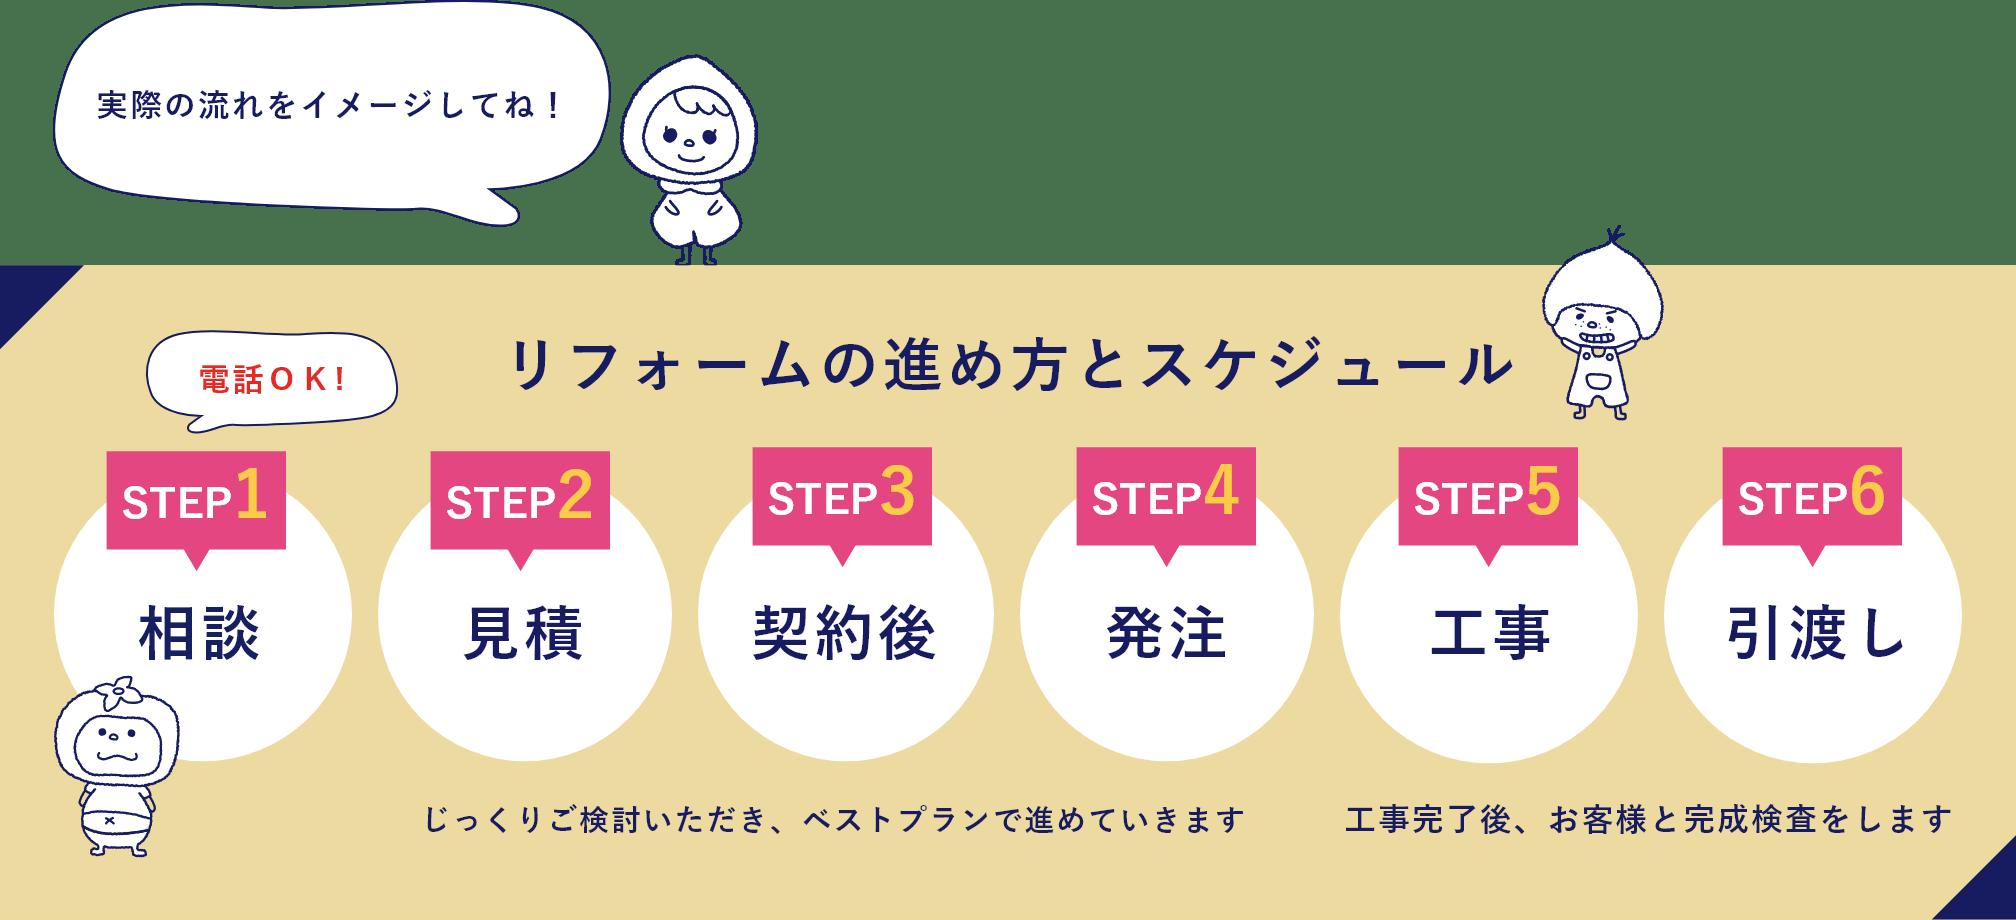 リフォームの進め方とスケジュール